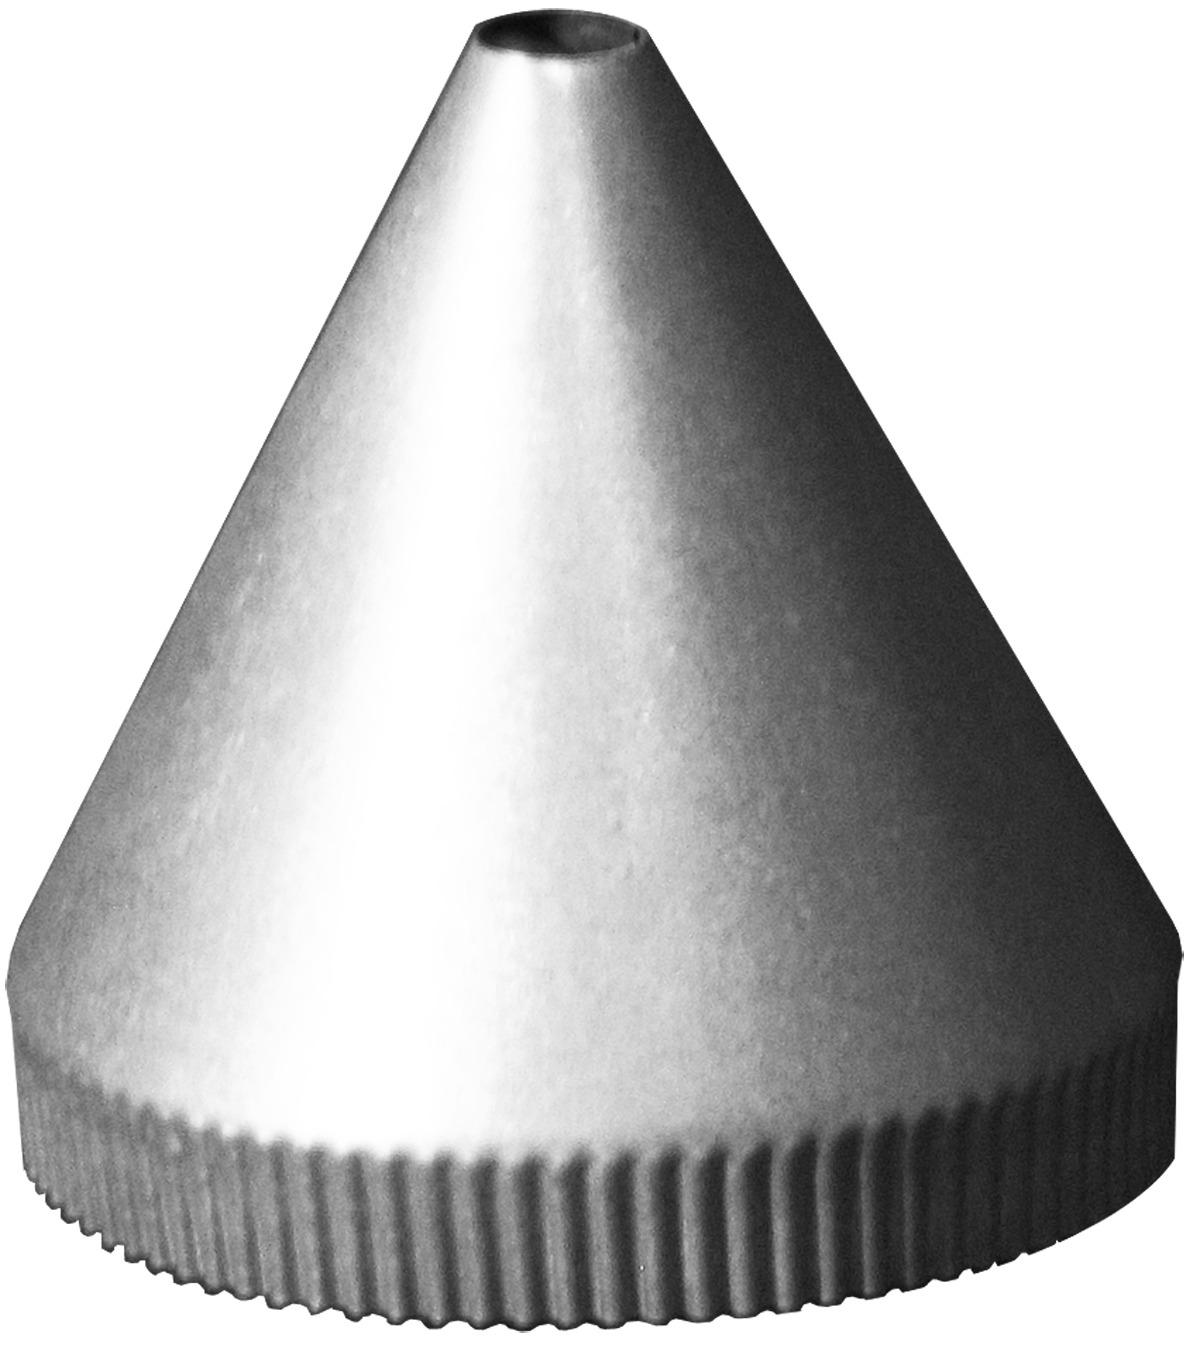 Starter Cone